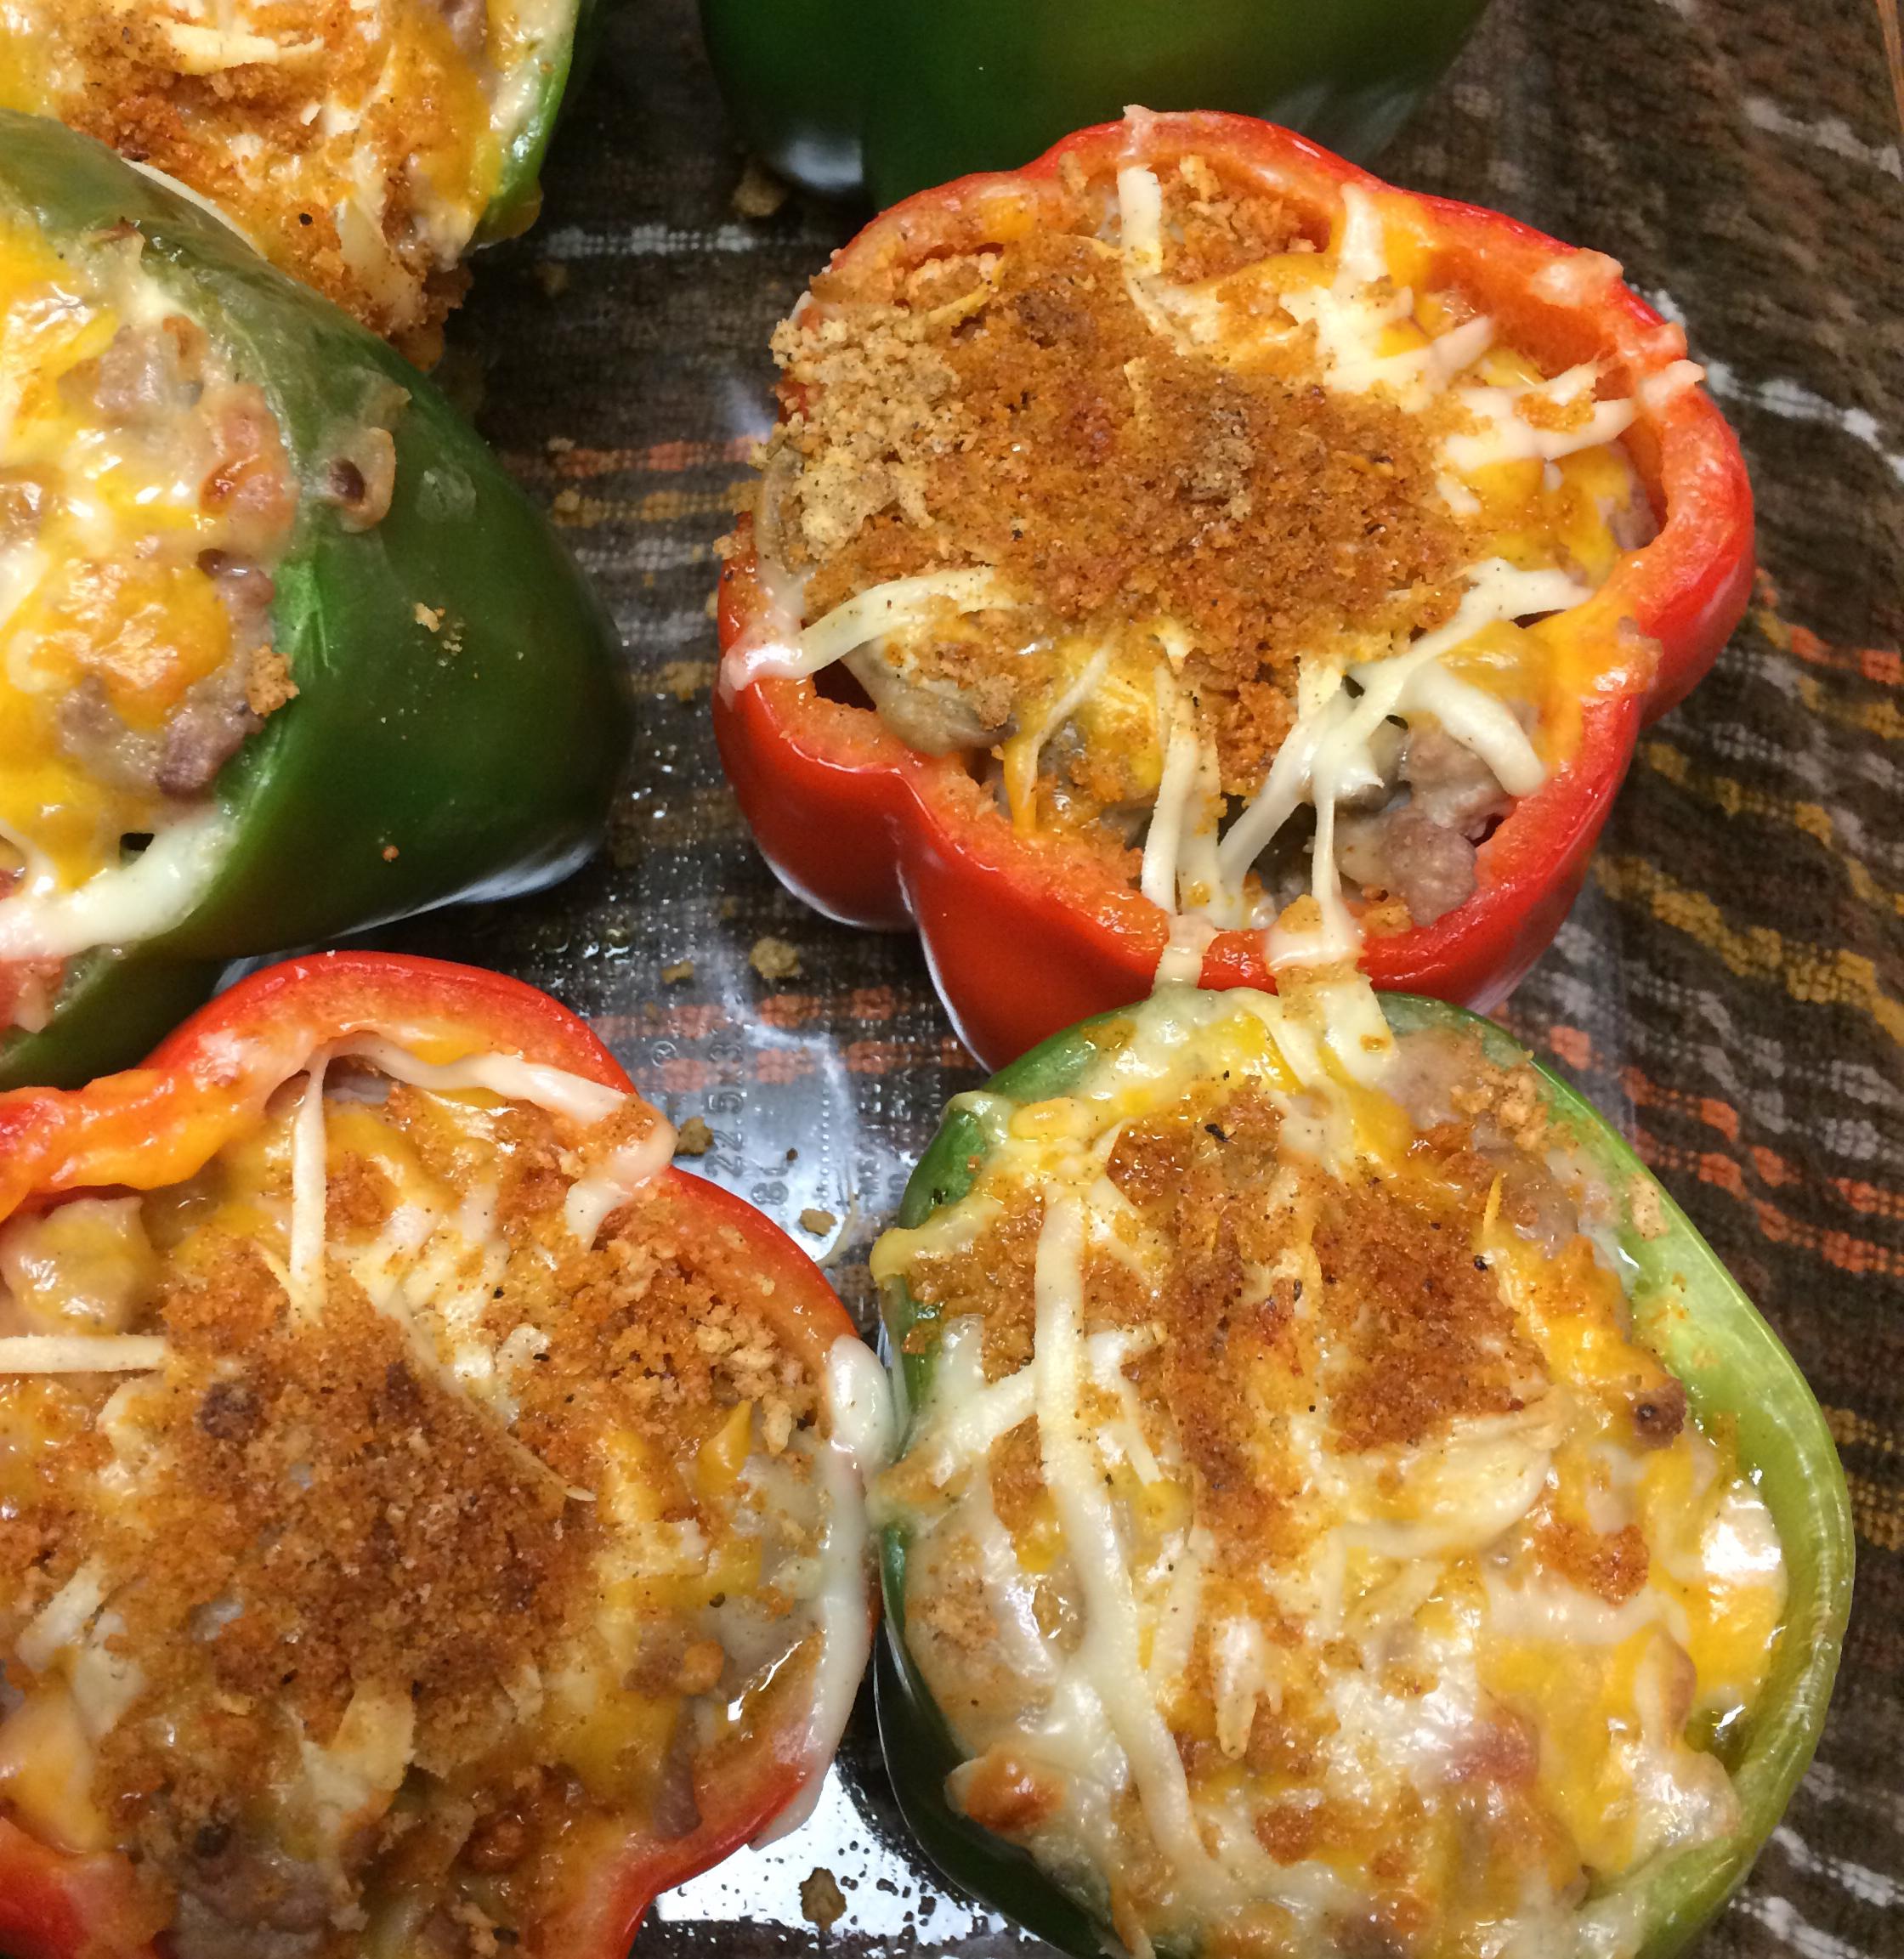 Turkey-Stuffed Peppers